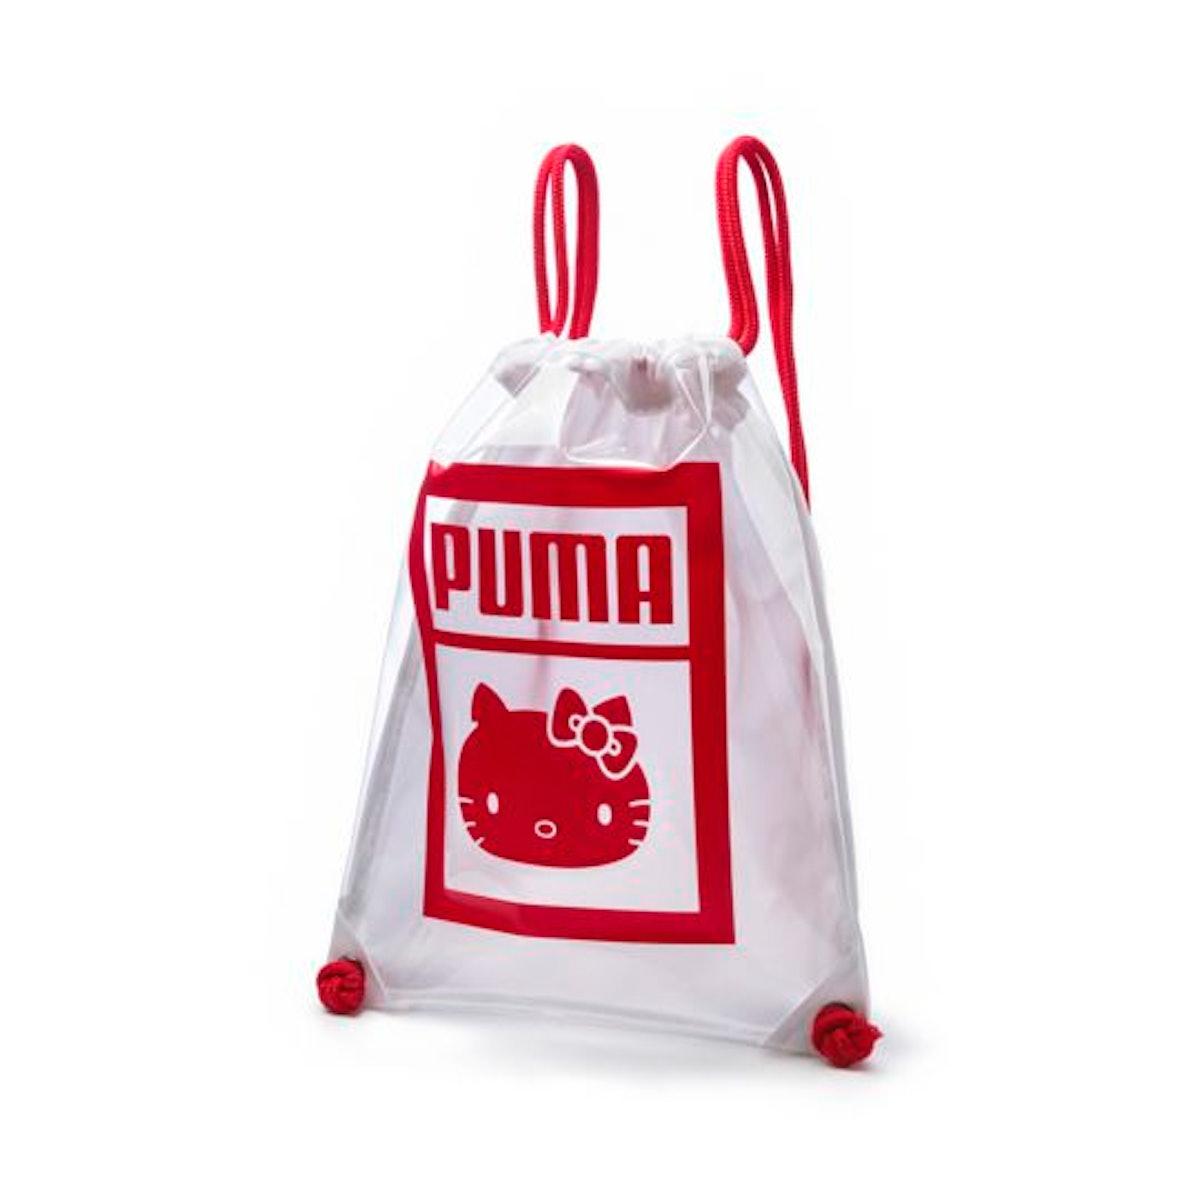 Puma X Hello Kitty Gym Bag